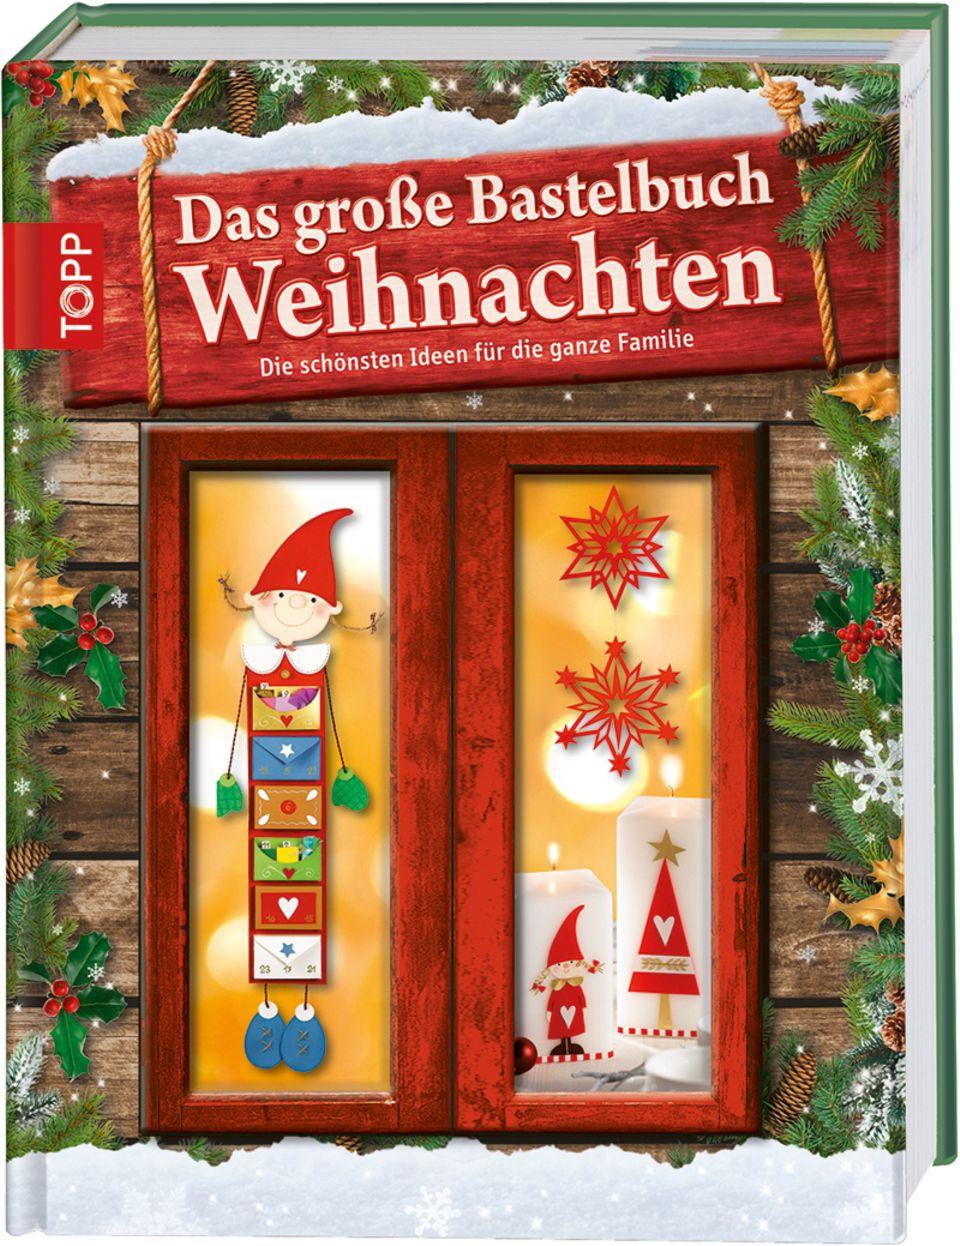 Das große Bastelbuch - Weihnachten